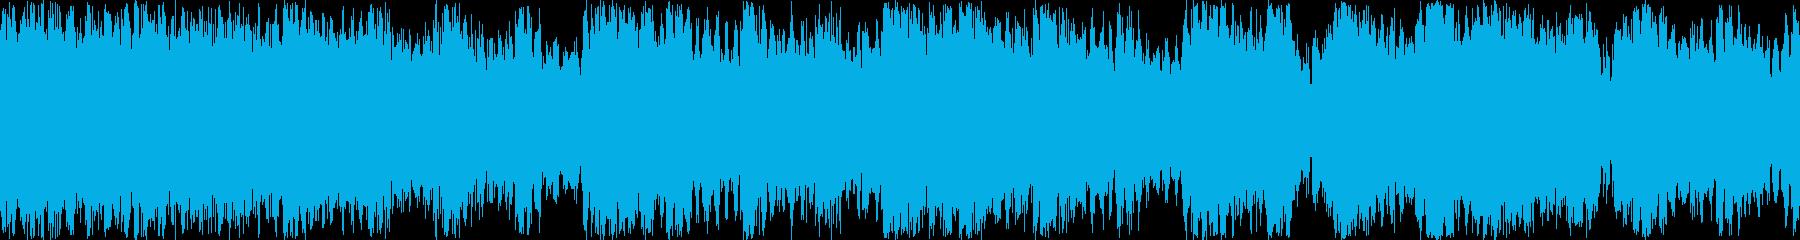 RPG-BGM 重厚オーケストラ楽曲の再生済みの波形